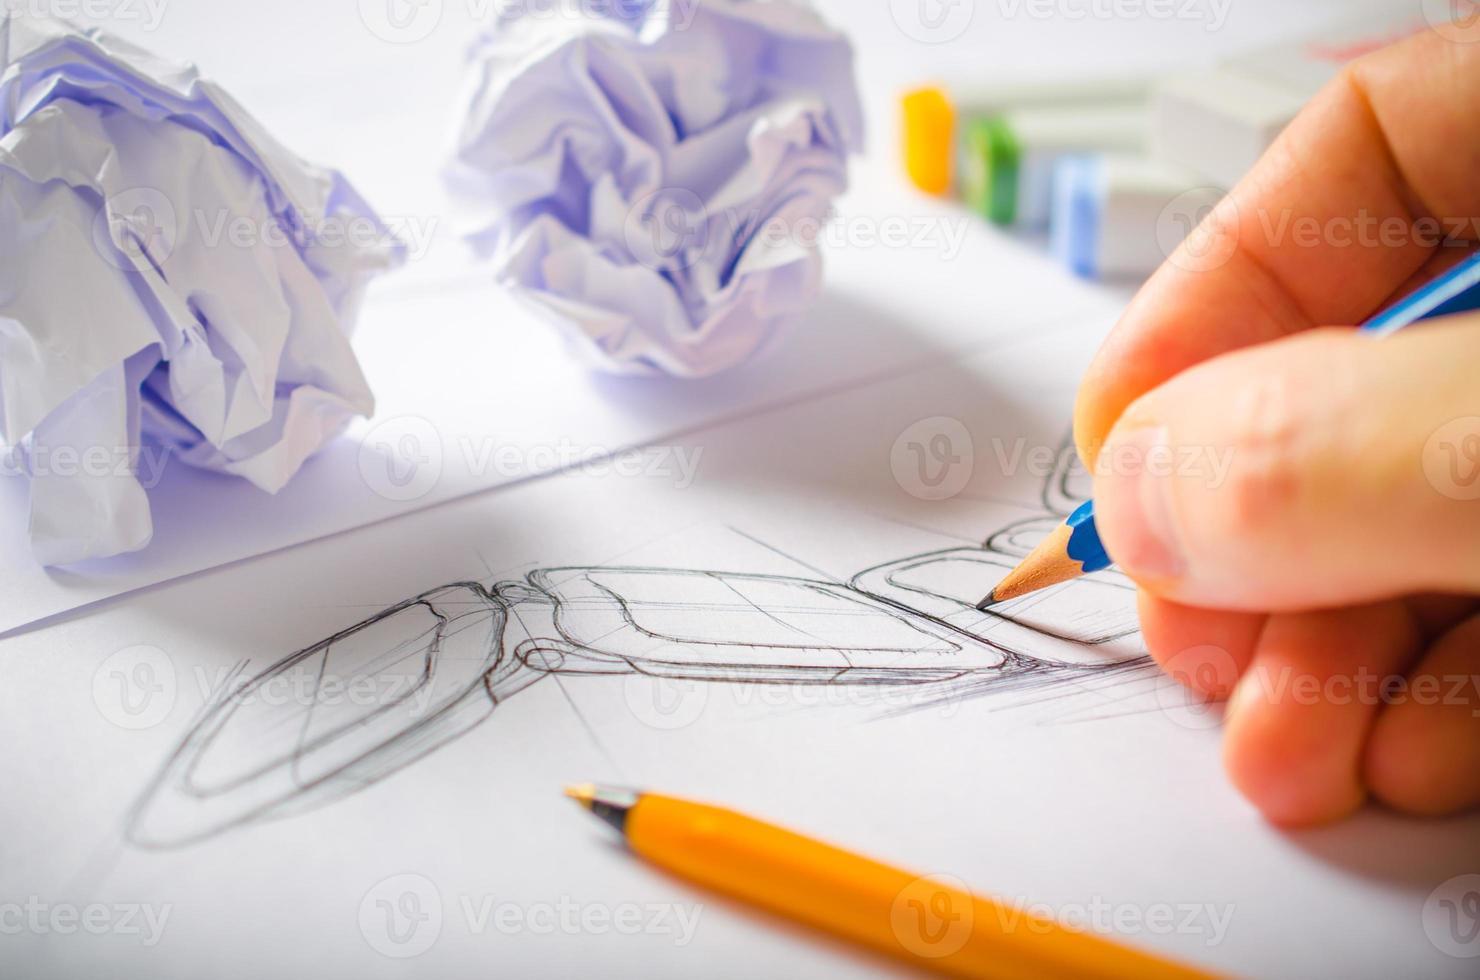 ontwerper tekenen foto